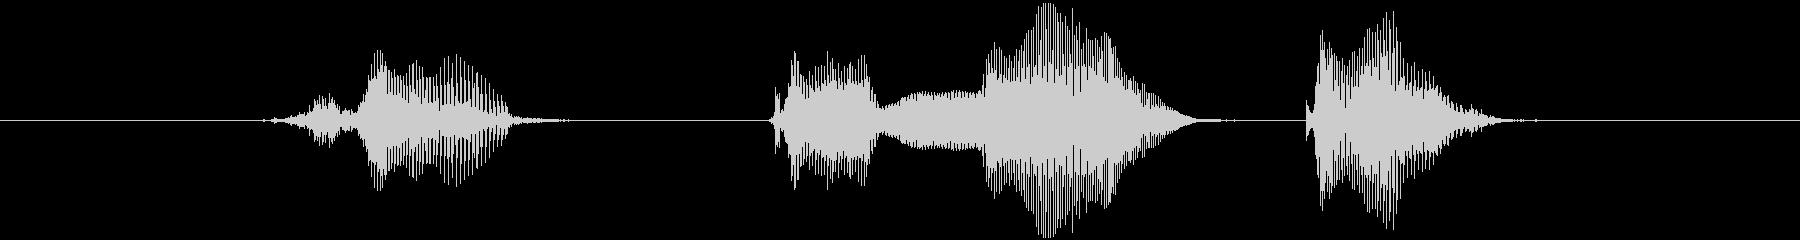 チェックメイトの未再生の波形